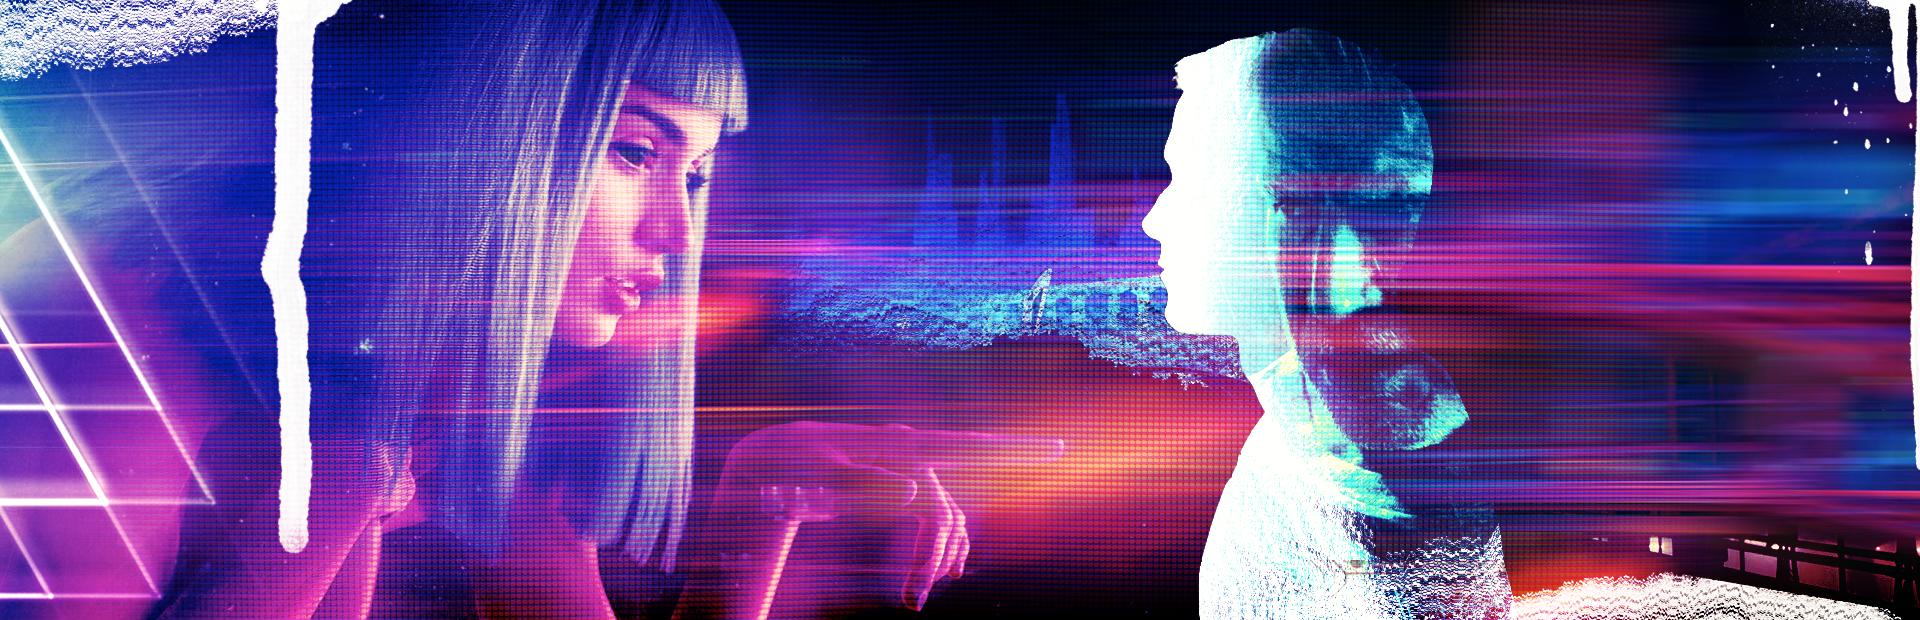 El deseo de lo real. Blade Runner 2049